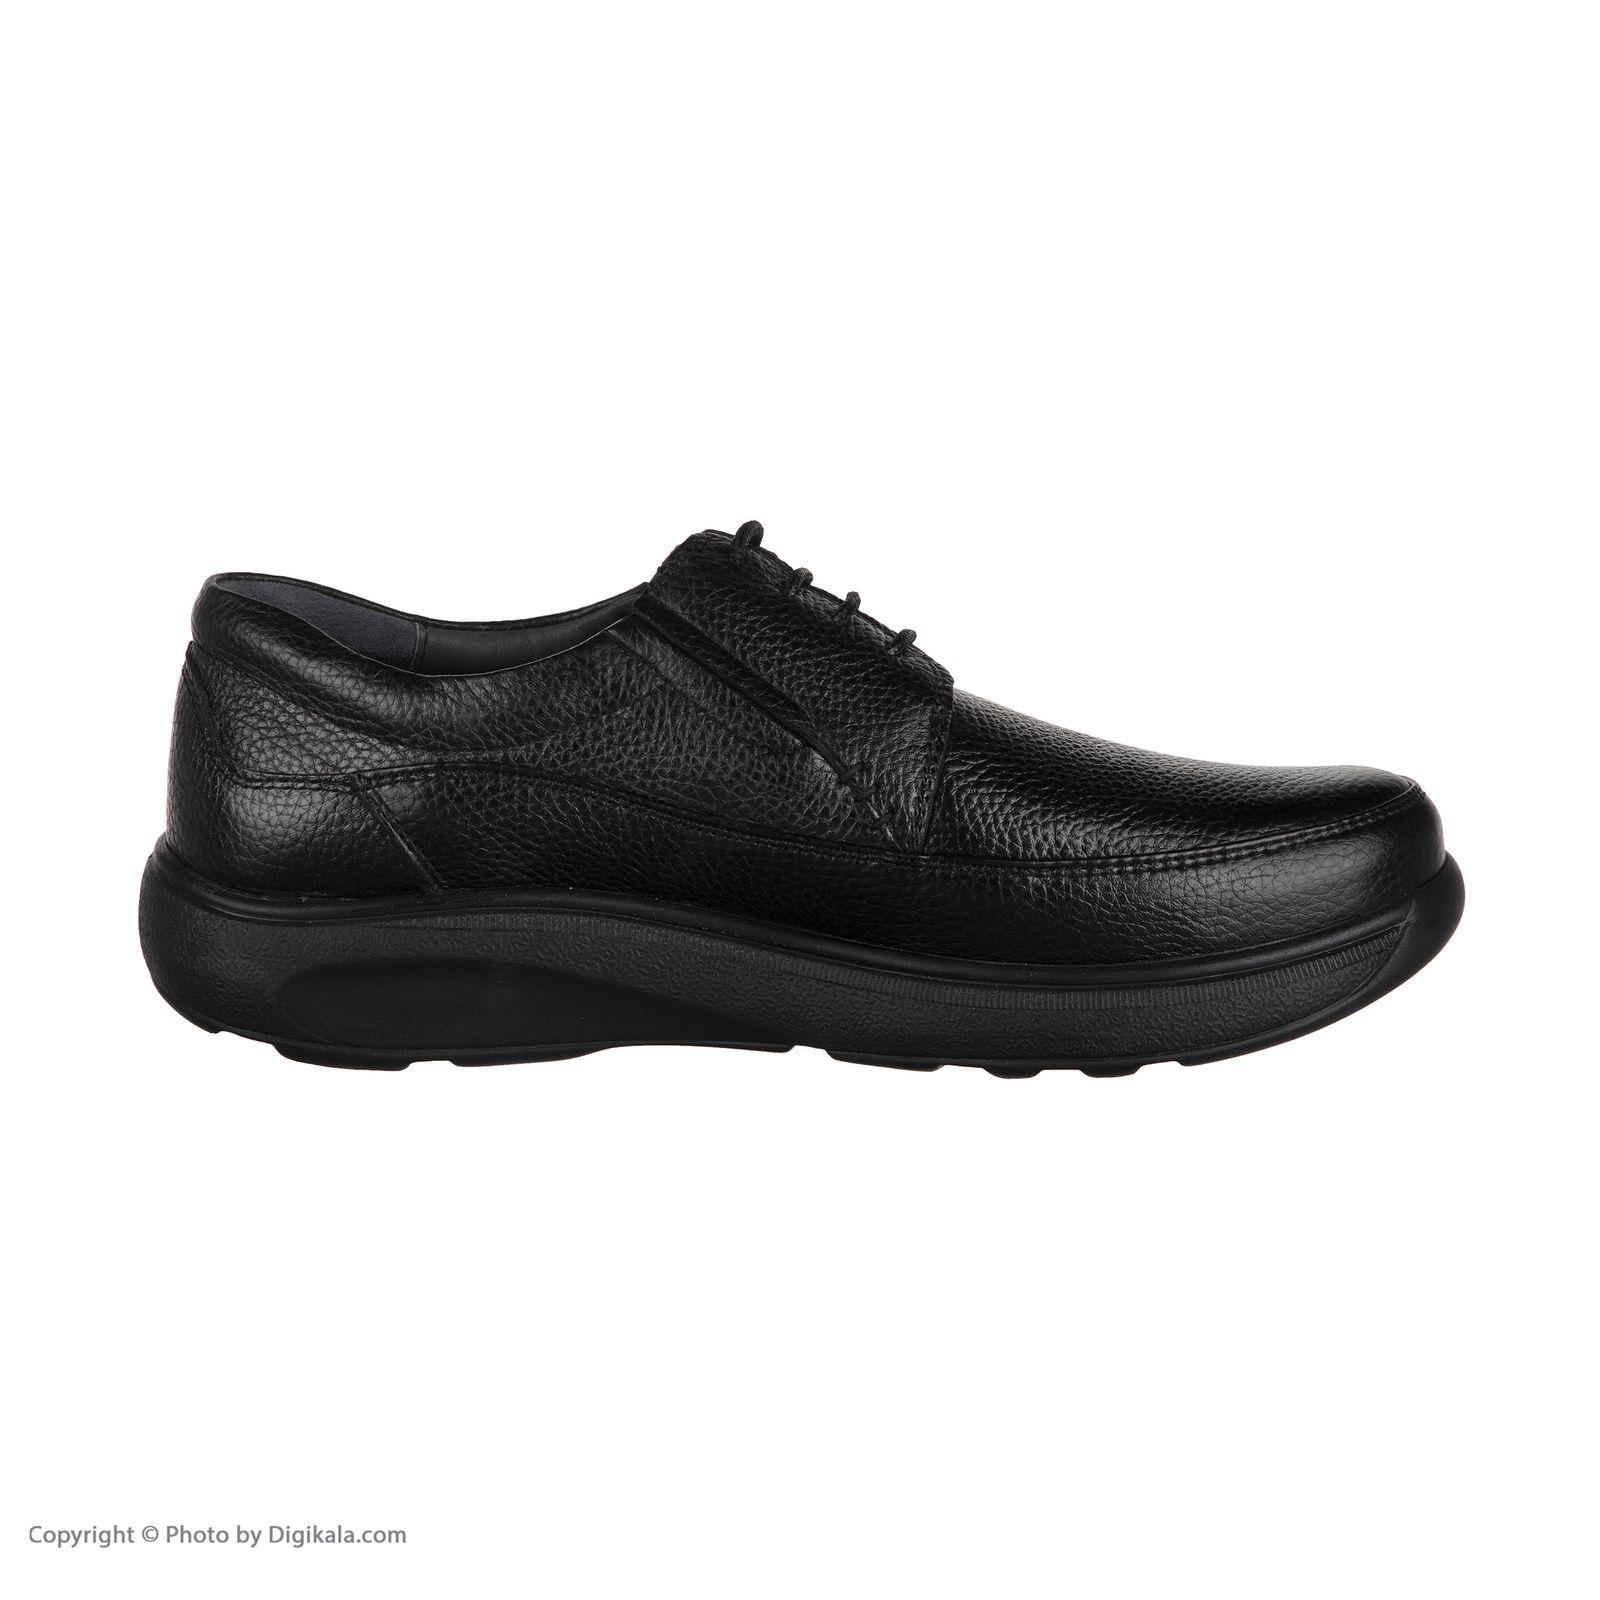 کفش روزمره مردانه سوته مدل 4931B503101 -  - 6